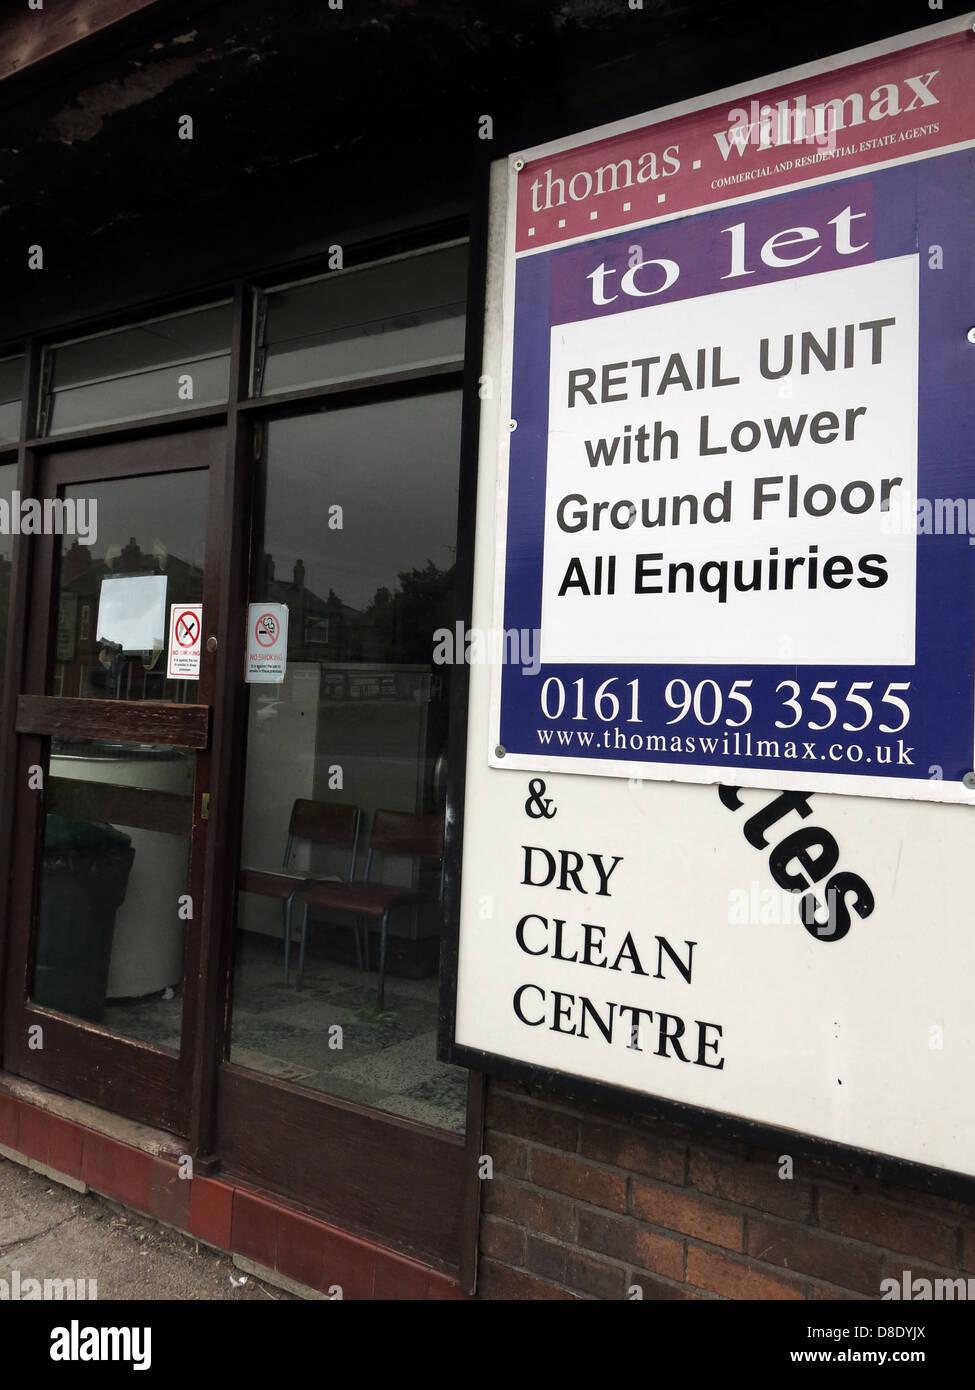 Laden Sie dieses Alamy Stockfoto Traditionelle Waschsalon waschen Shop in Grappenhall, Warrington geschlossen zu lassen - D8DYJX